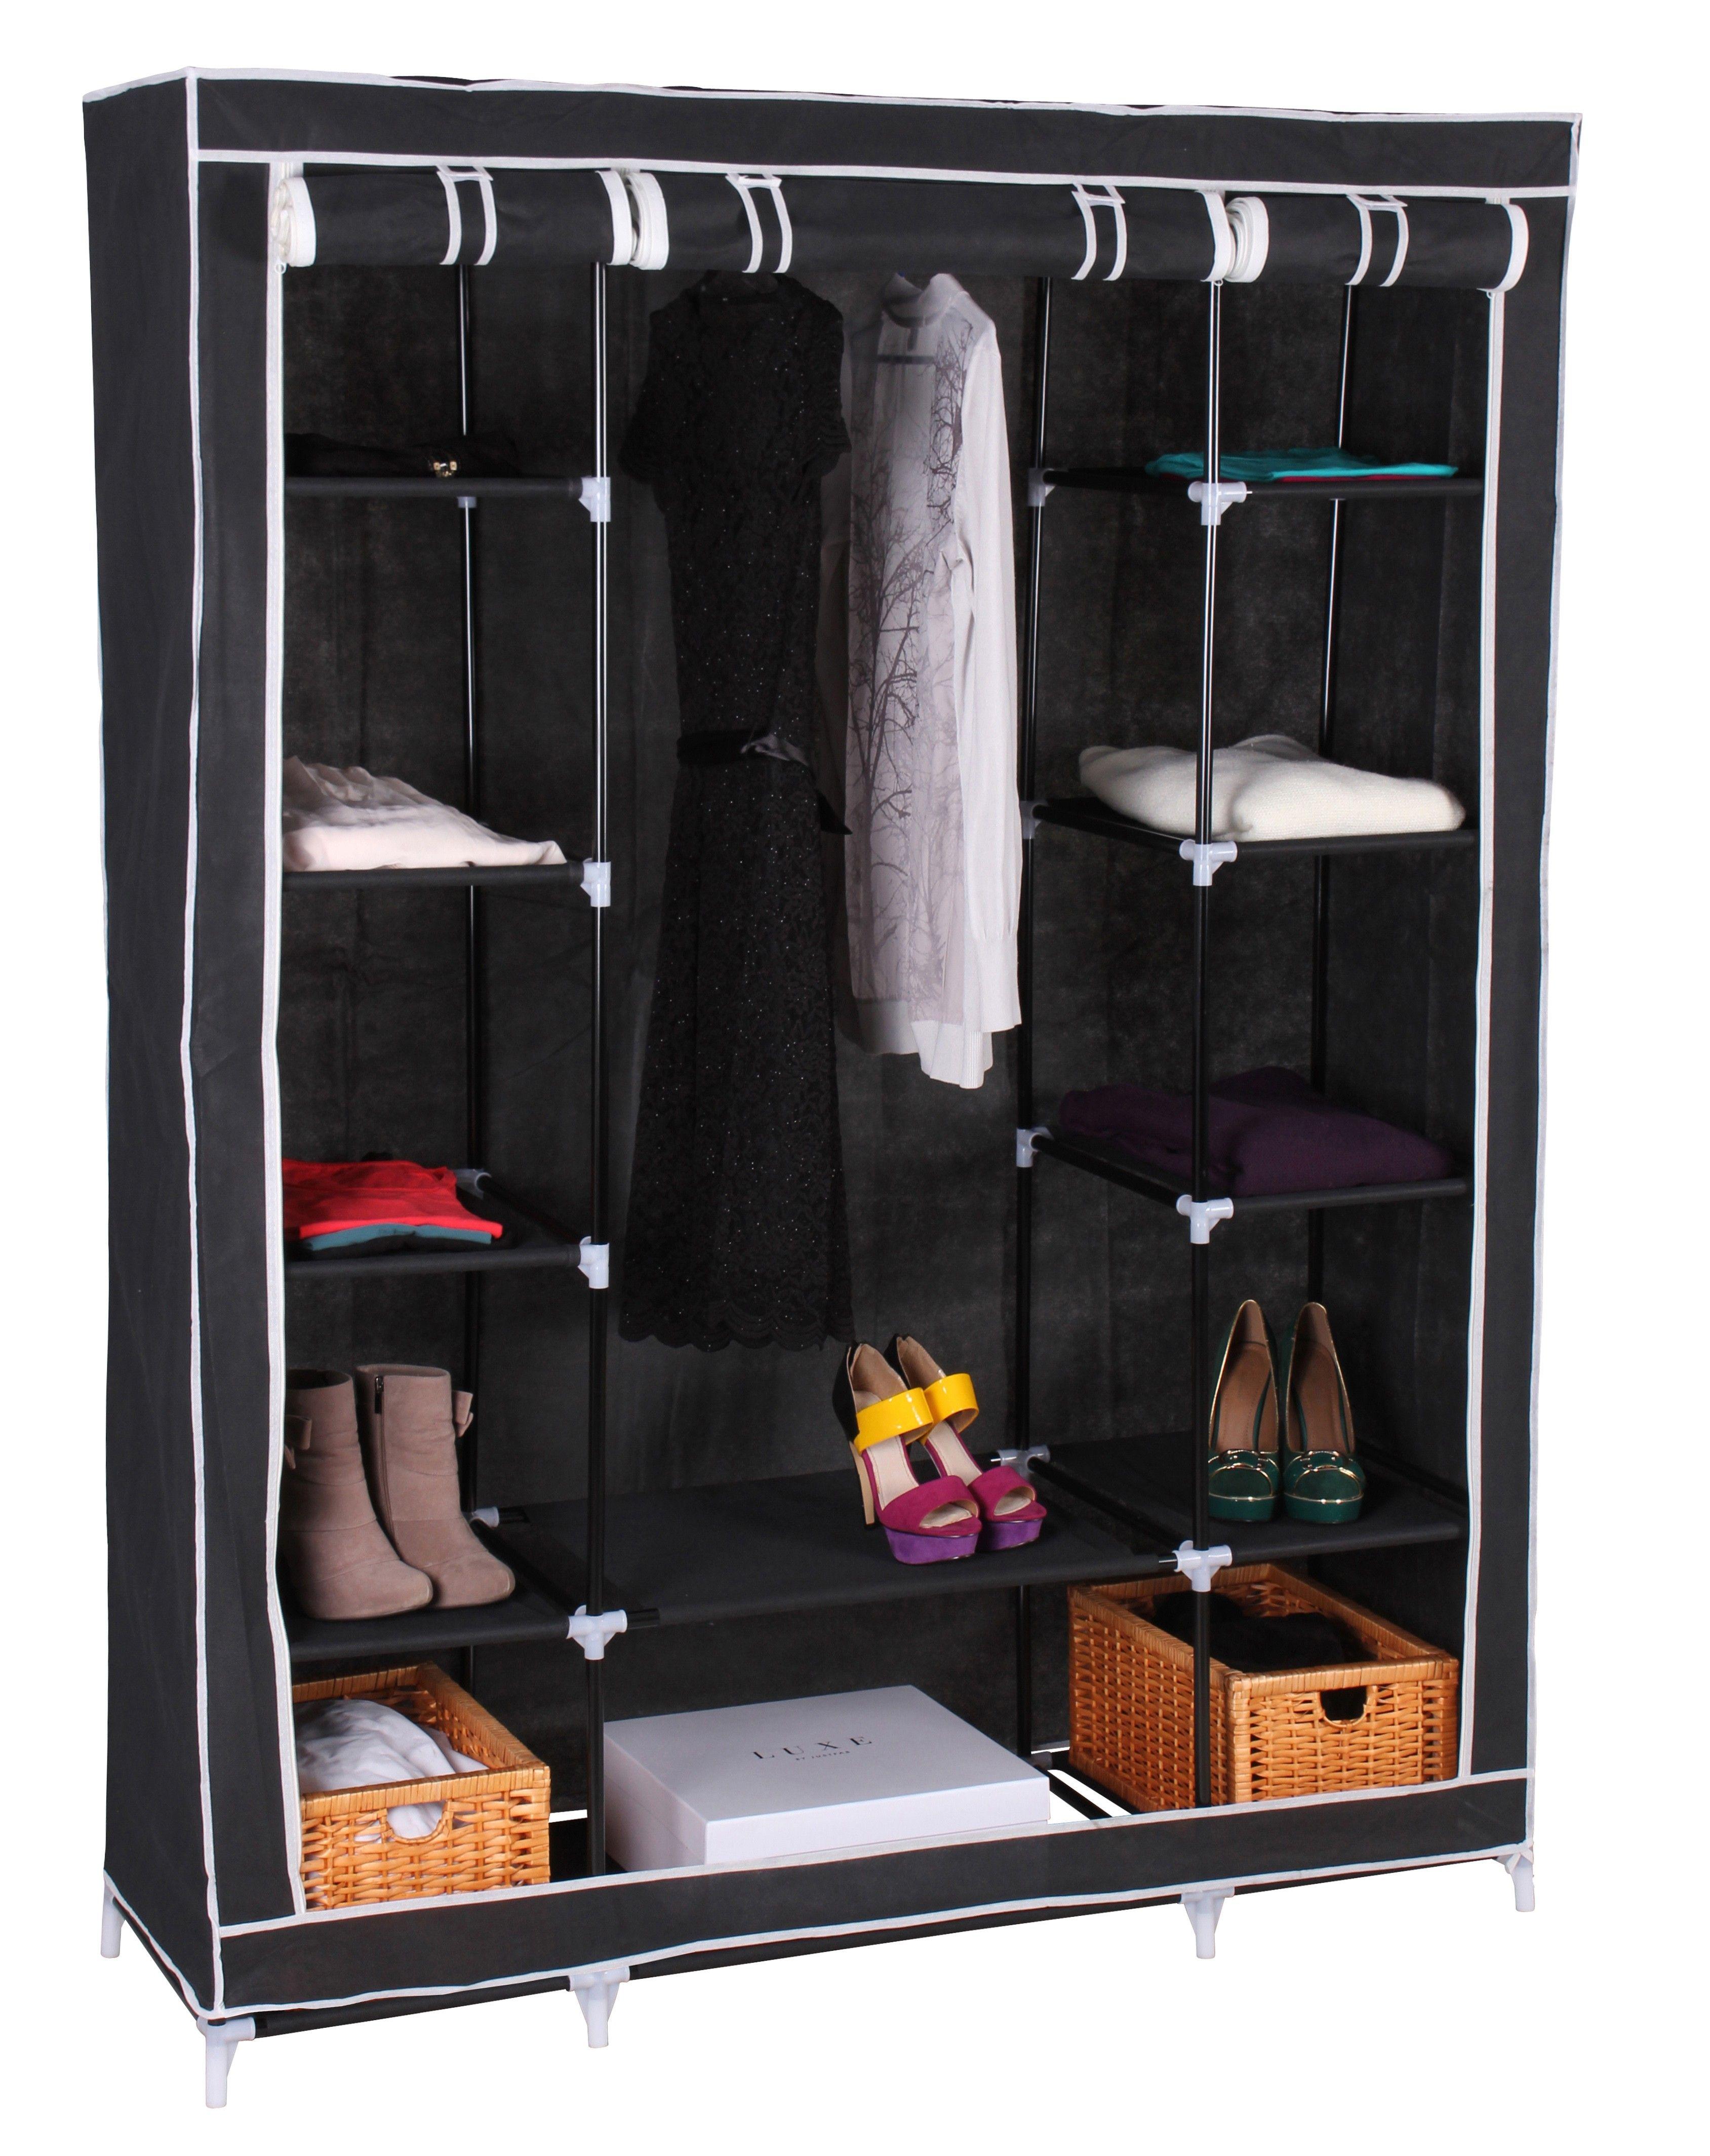 Textil Kleiderschrank Campingschrank mit Fächern Schwarz ...